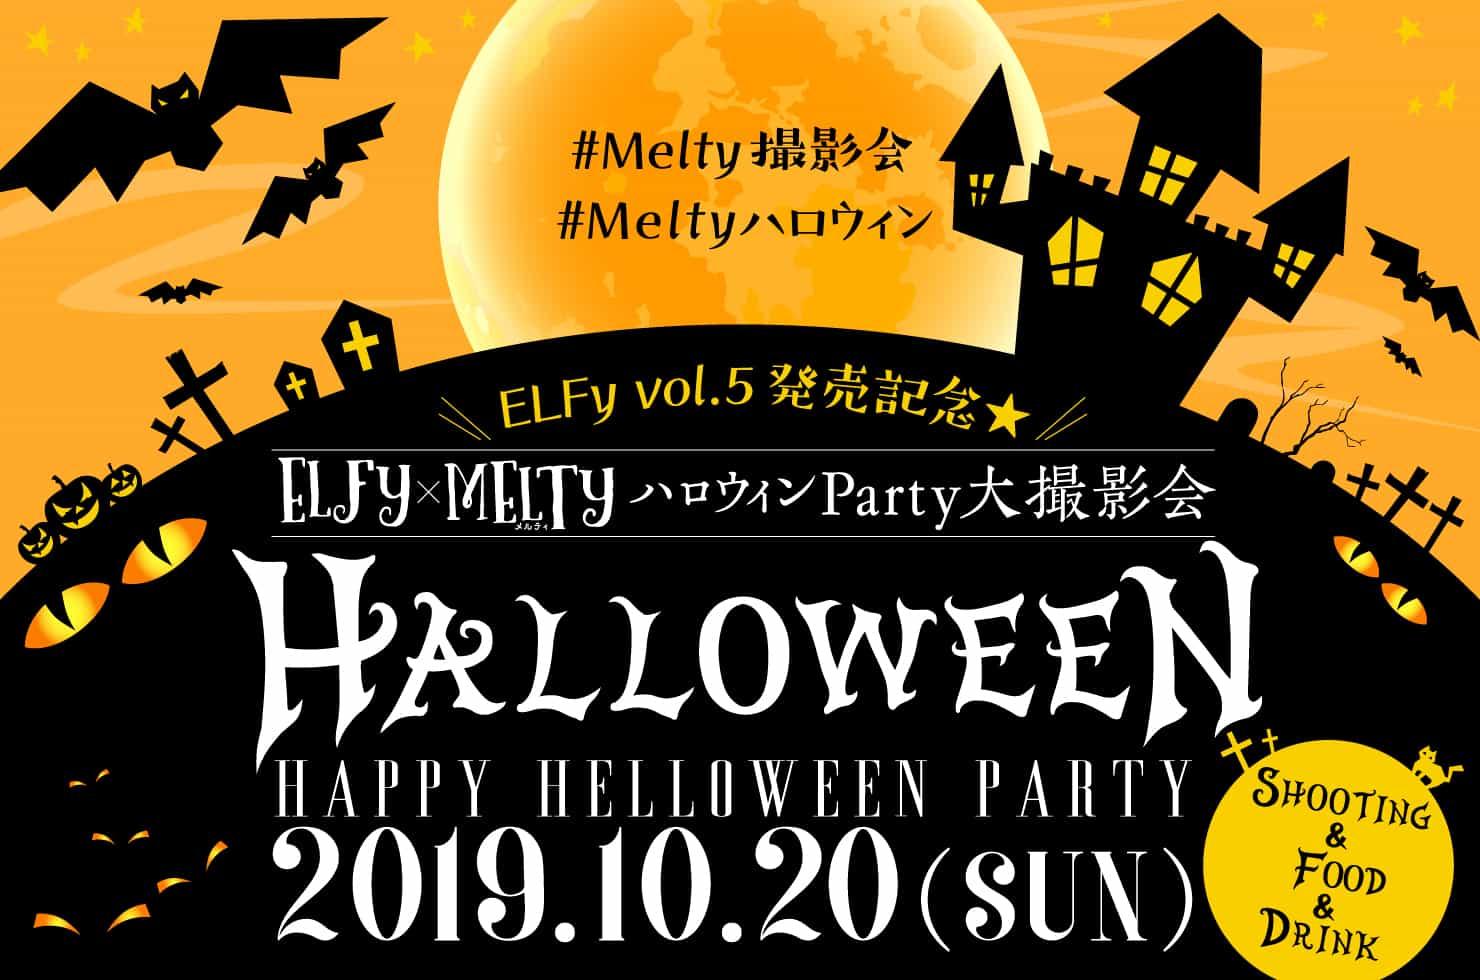 2019年10月20日(日)ELFy × Melty ハロウィンParty大撮影会